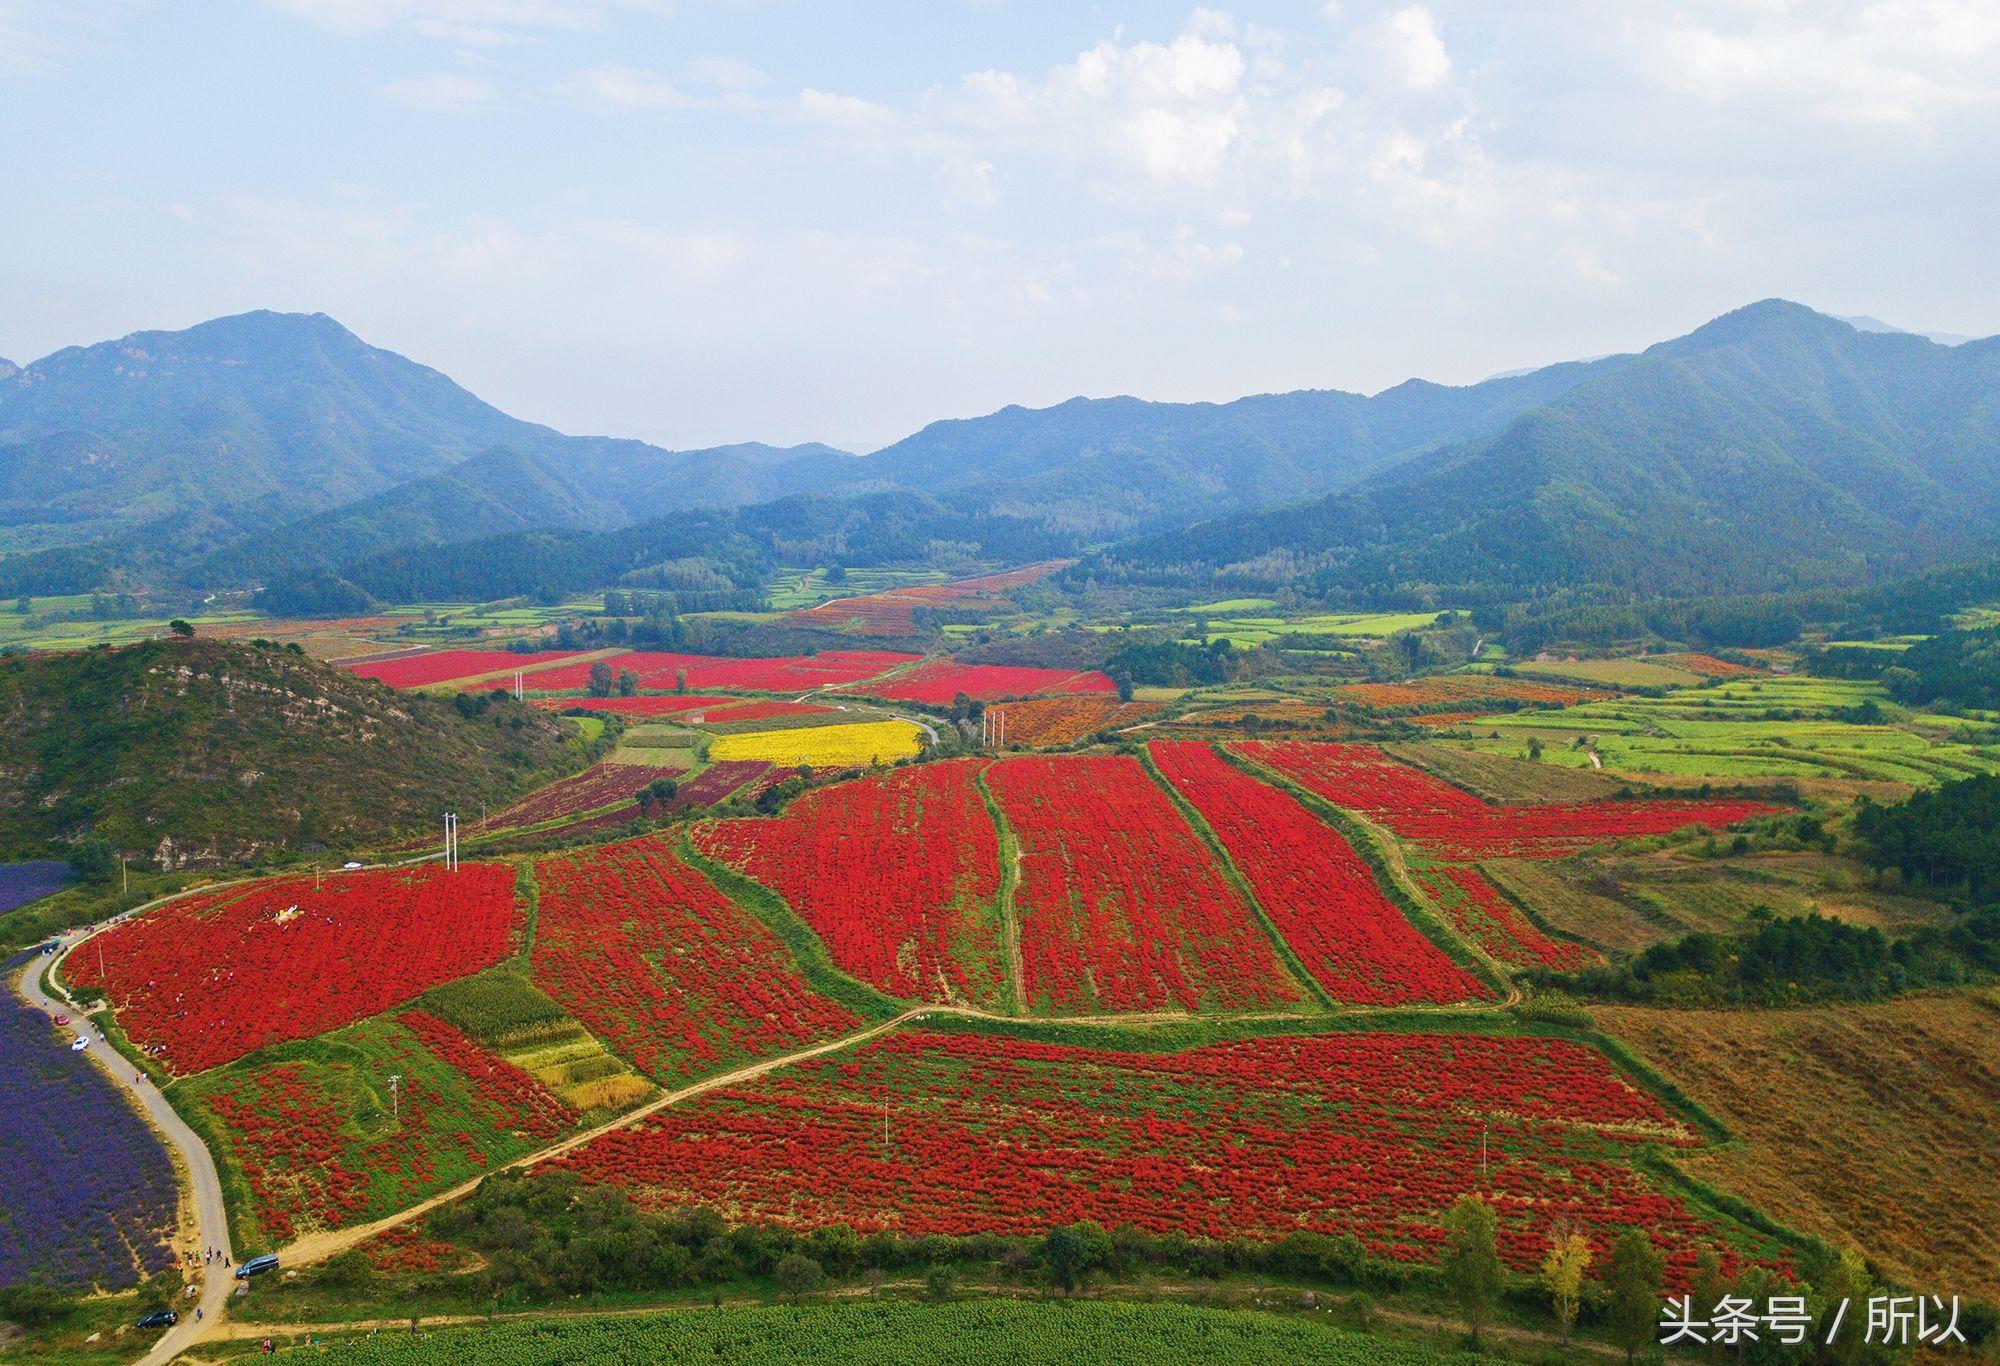 航拍北京延庆四季花海:山间铺花毯 田园调色板